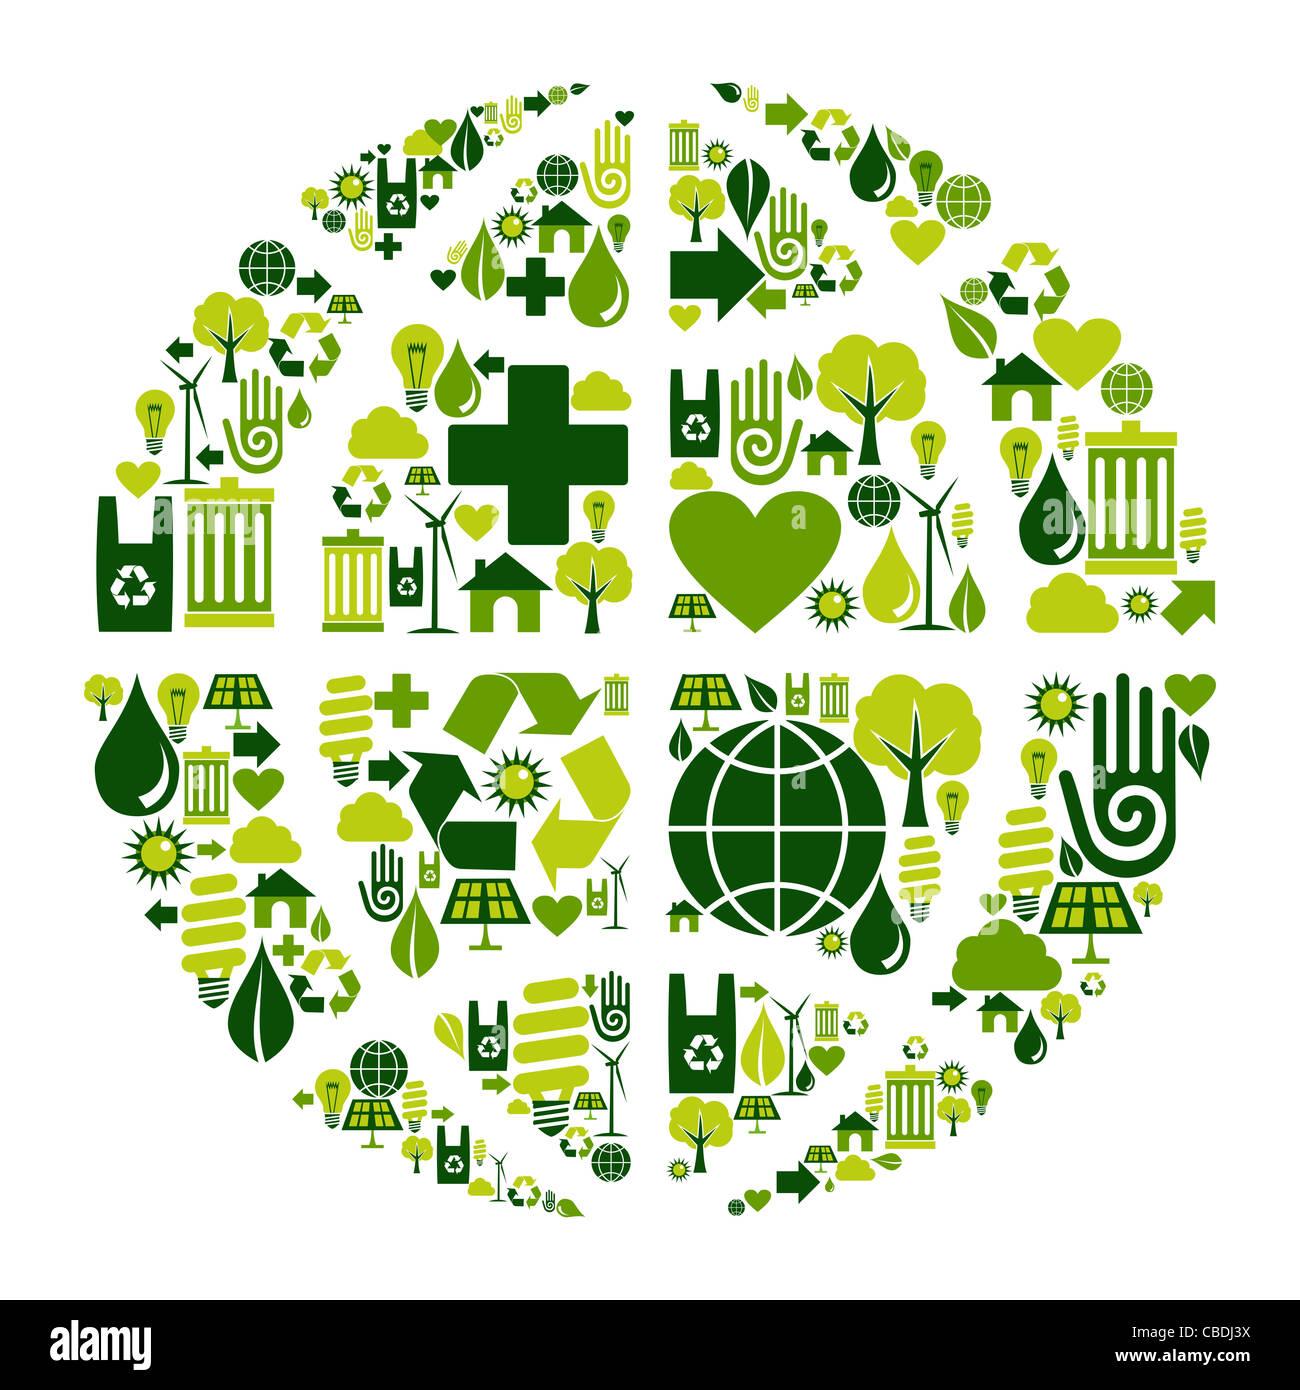 Símbolo mundial de medios sociales iconos con el medio ambiente. Imagen De Stock